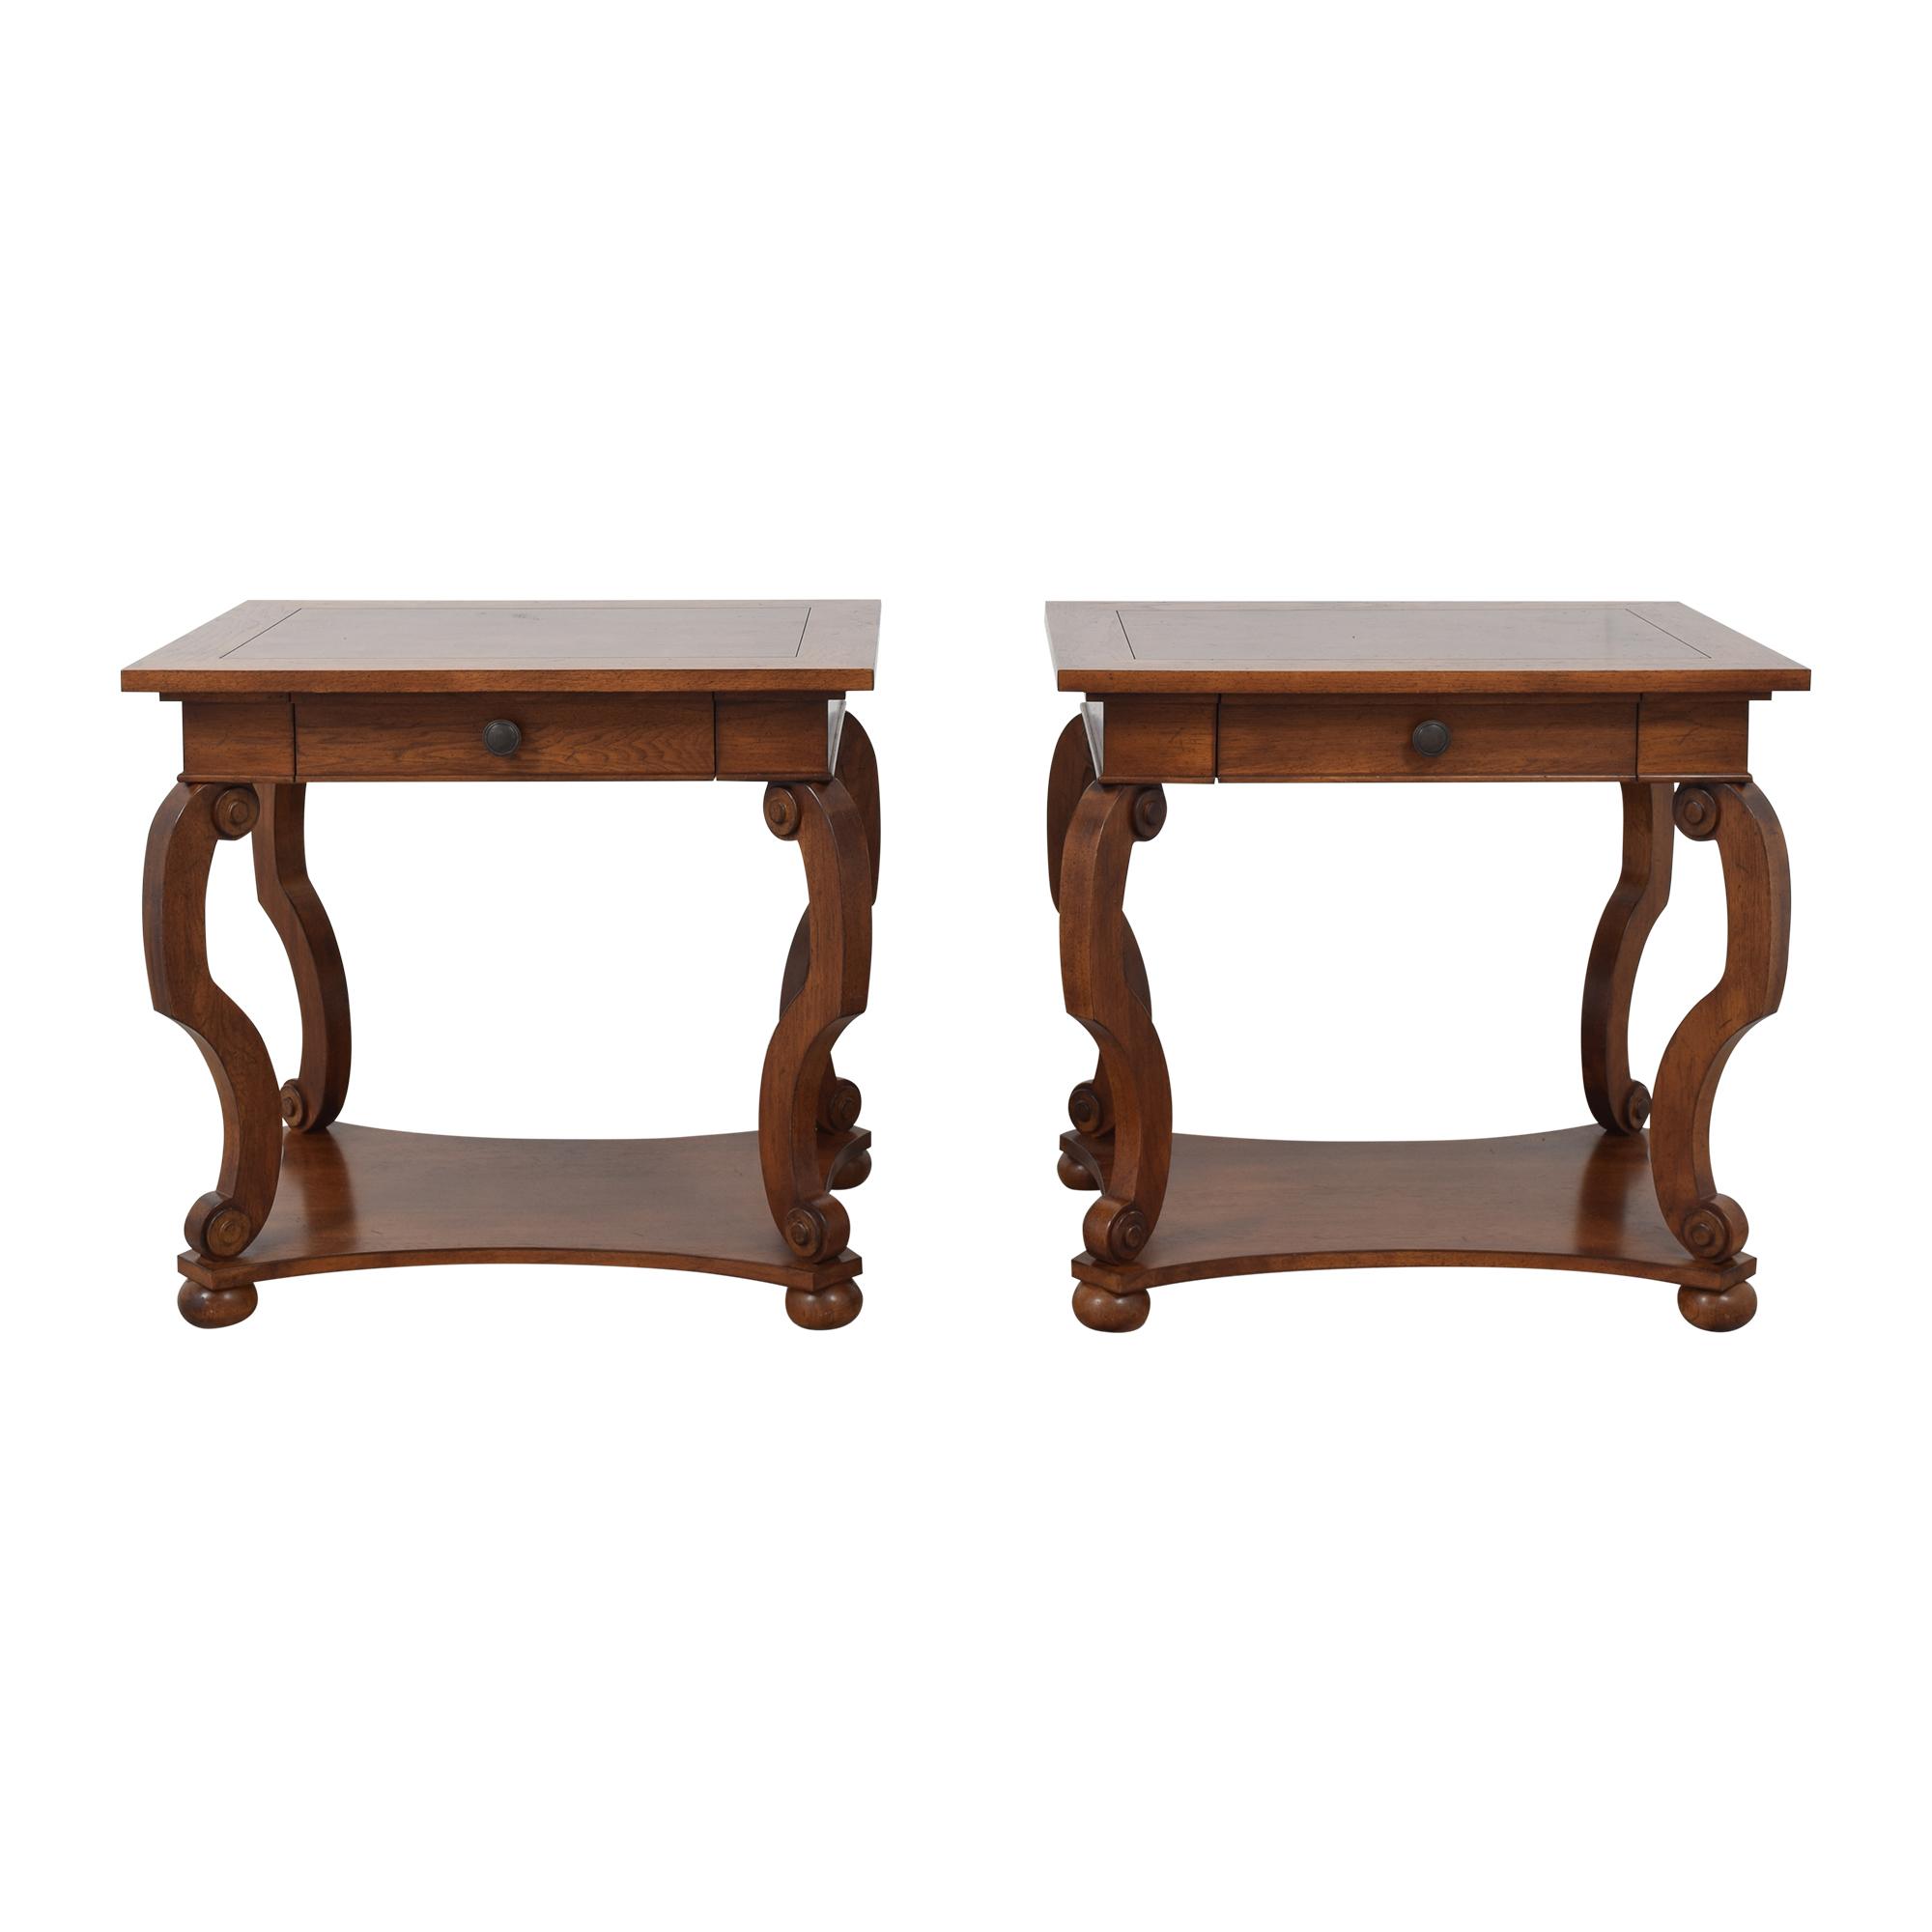 CTH Sherrill Occasional Furniture CTH Sherrill Occasional Furniture Side Tables pa